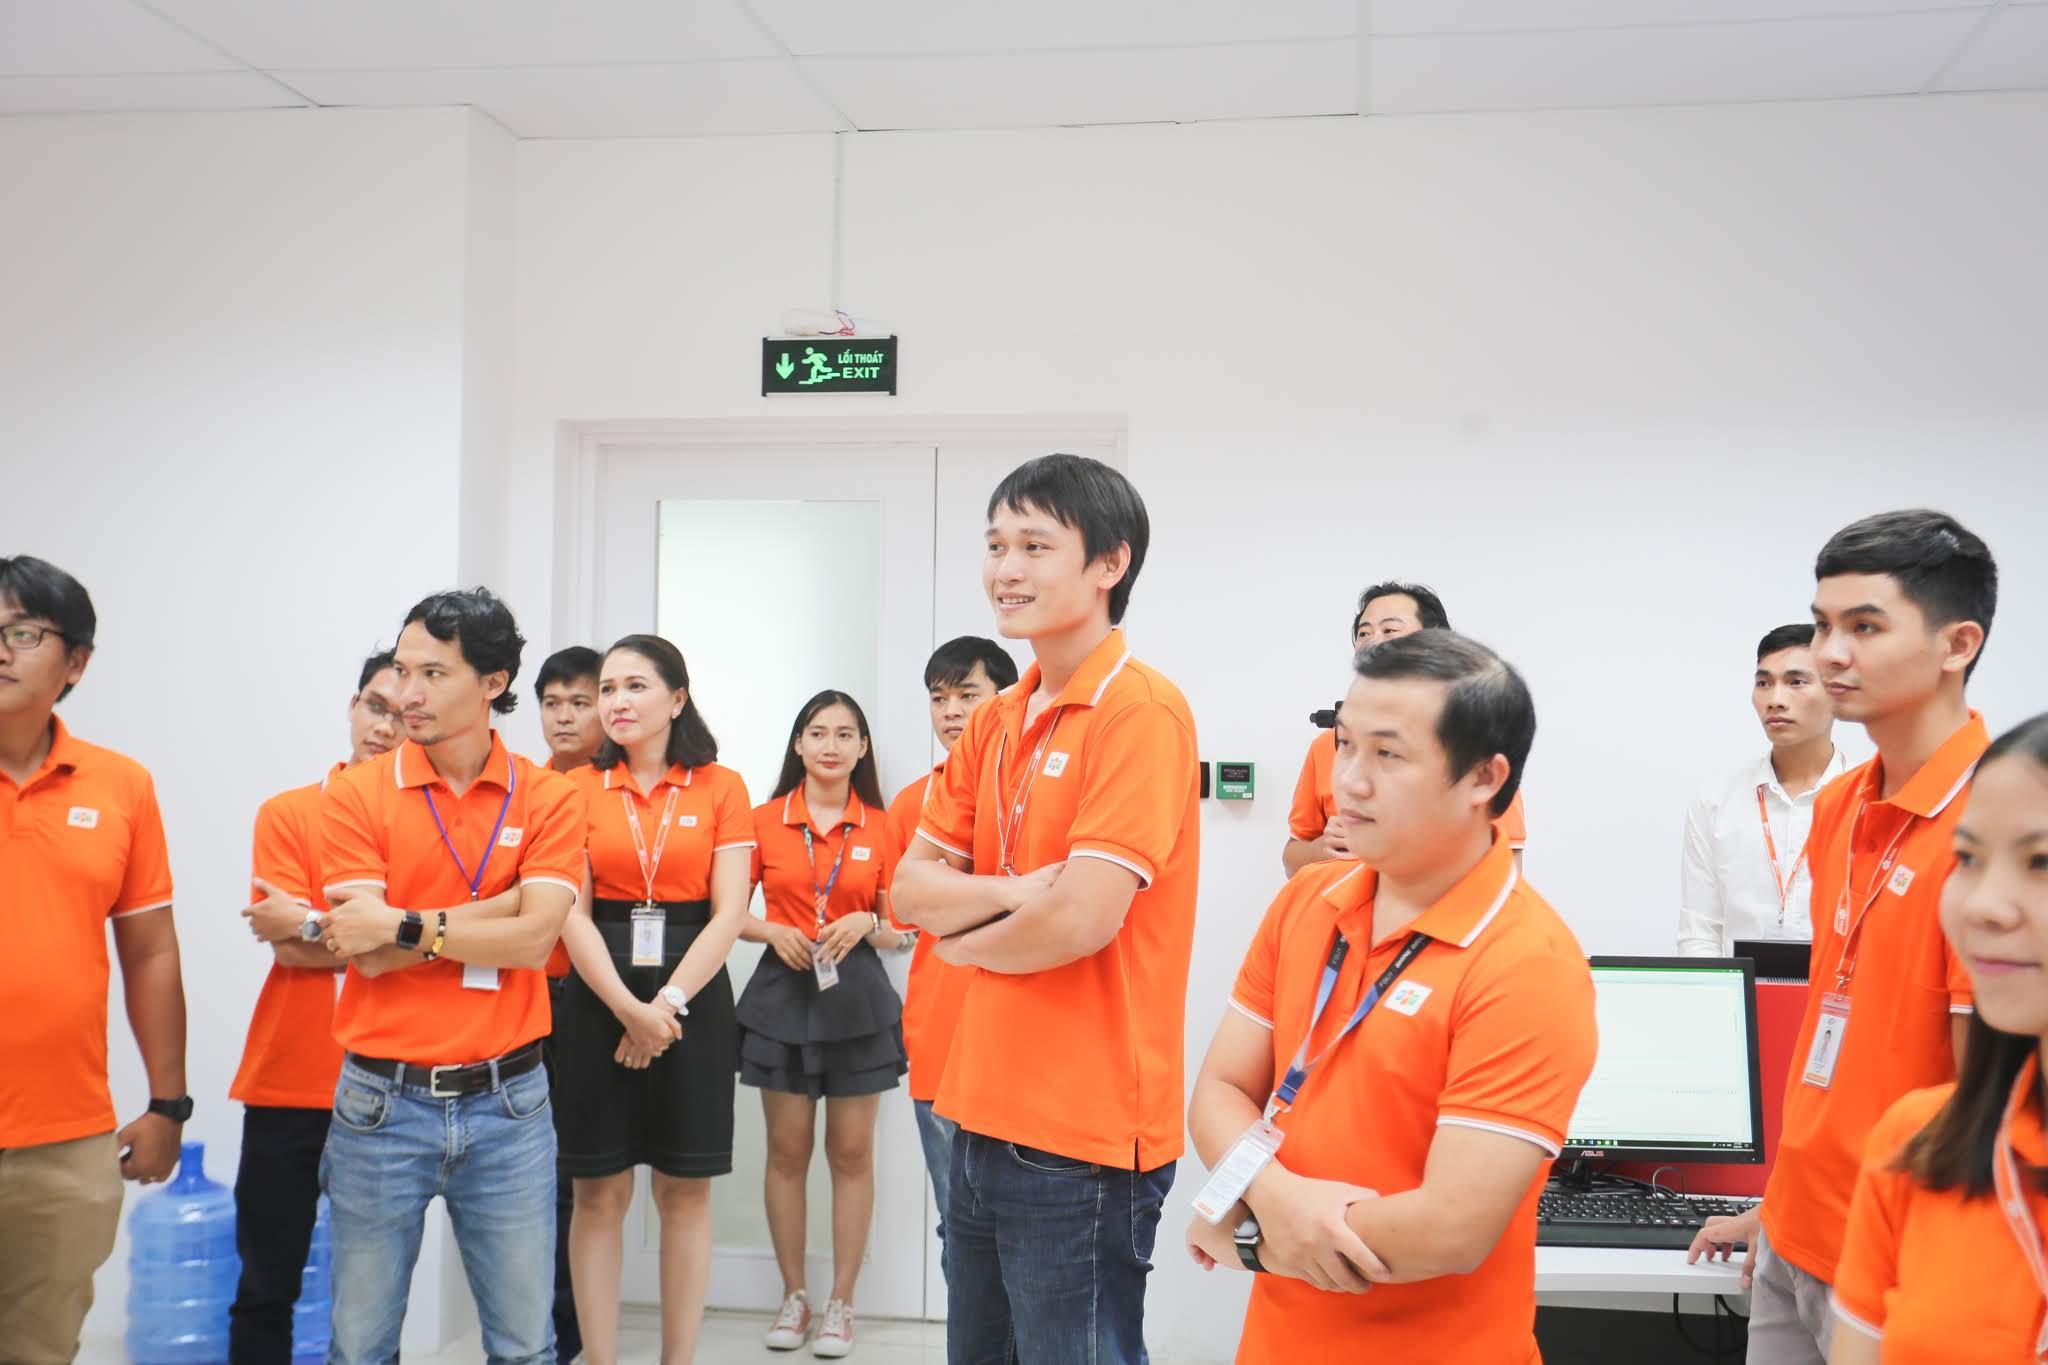 Anh Lê Thanh Nhàn, Giám đốc FHM (Đơn vị phần mềm chiến lược TP HCM, hợp nhất từ các đơn vị: FSU1, FSU1, DTL..) cho biết lĩnh vực AI đang được Quy Nhơn phát triển và đạt được những thành công nhất định. Thời gian đến, đơn vị tiếp tục mở rộng thị trường và tăng số lượng nhân sự.